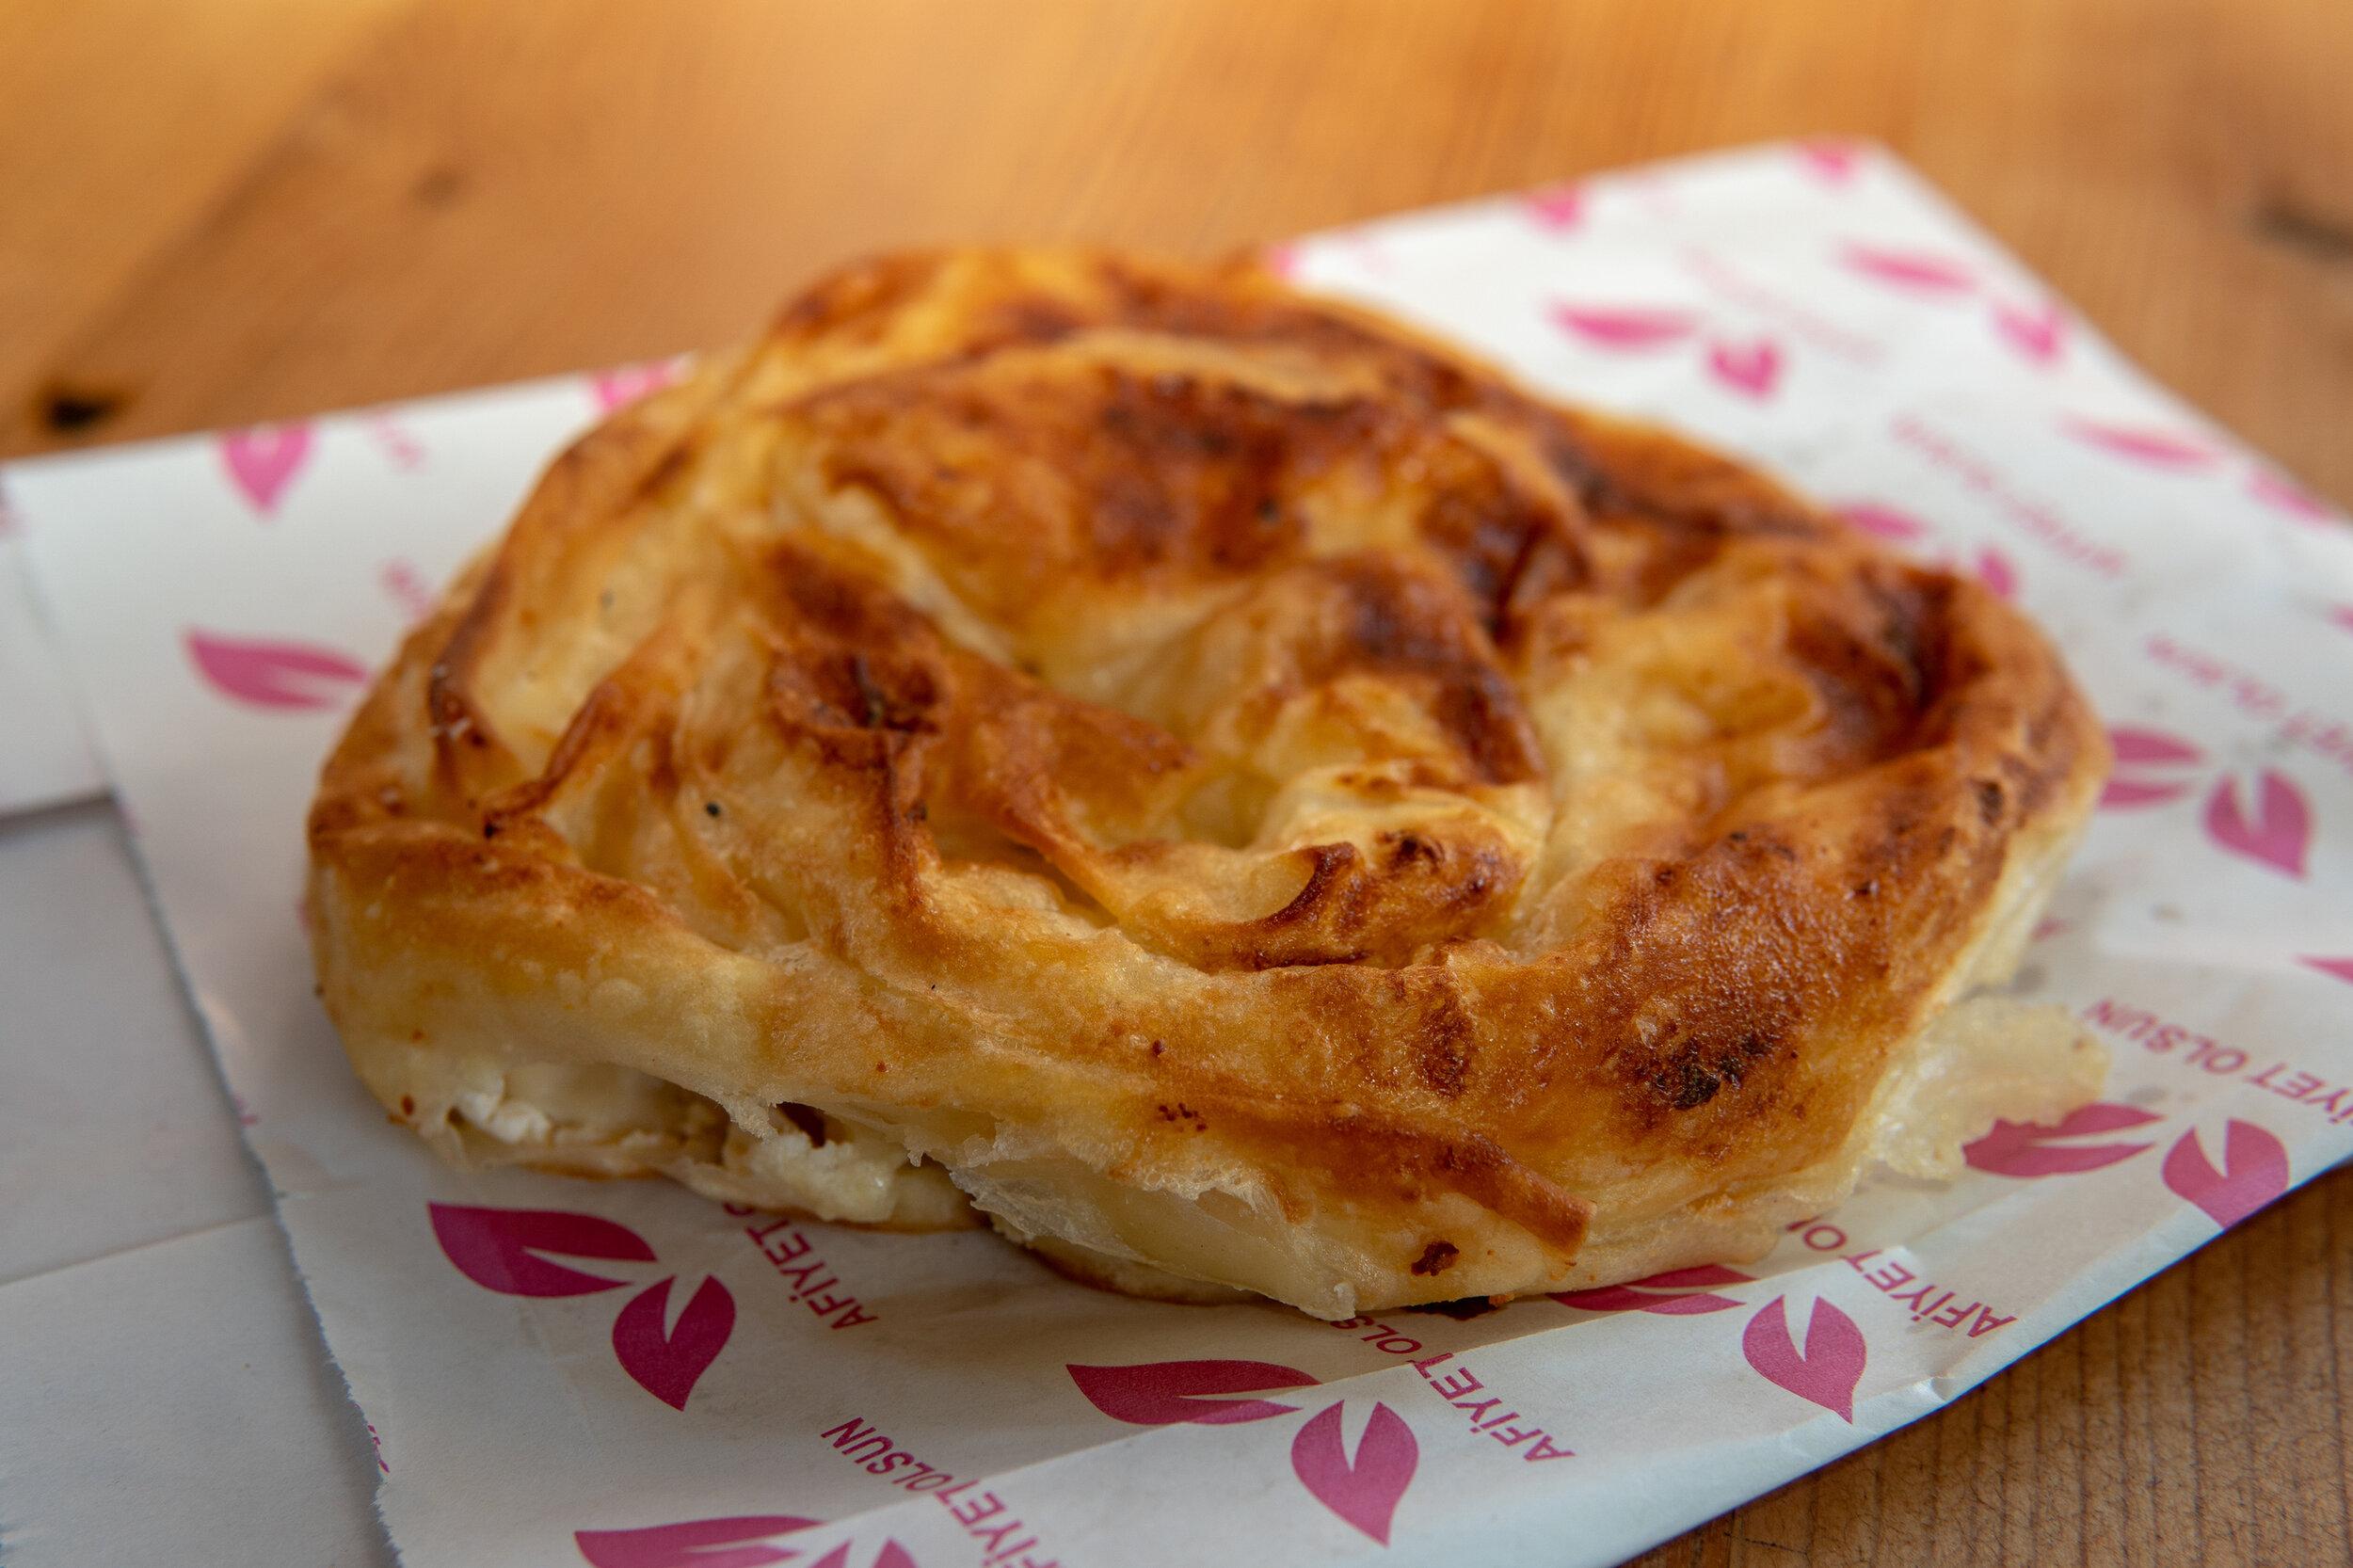 The Turkish pastry Börek makes a delicious Turkish breakfast.